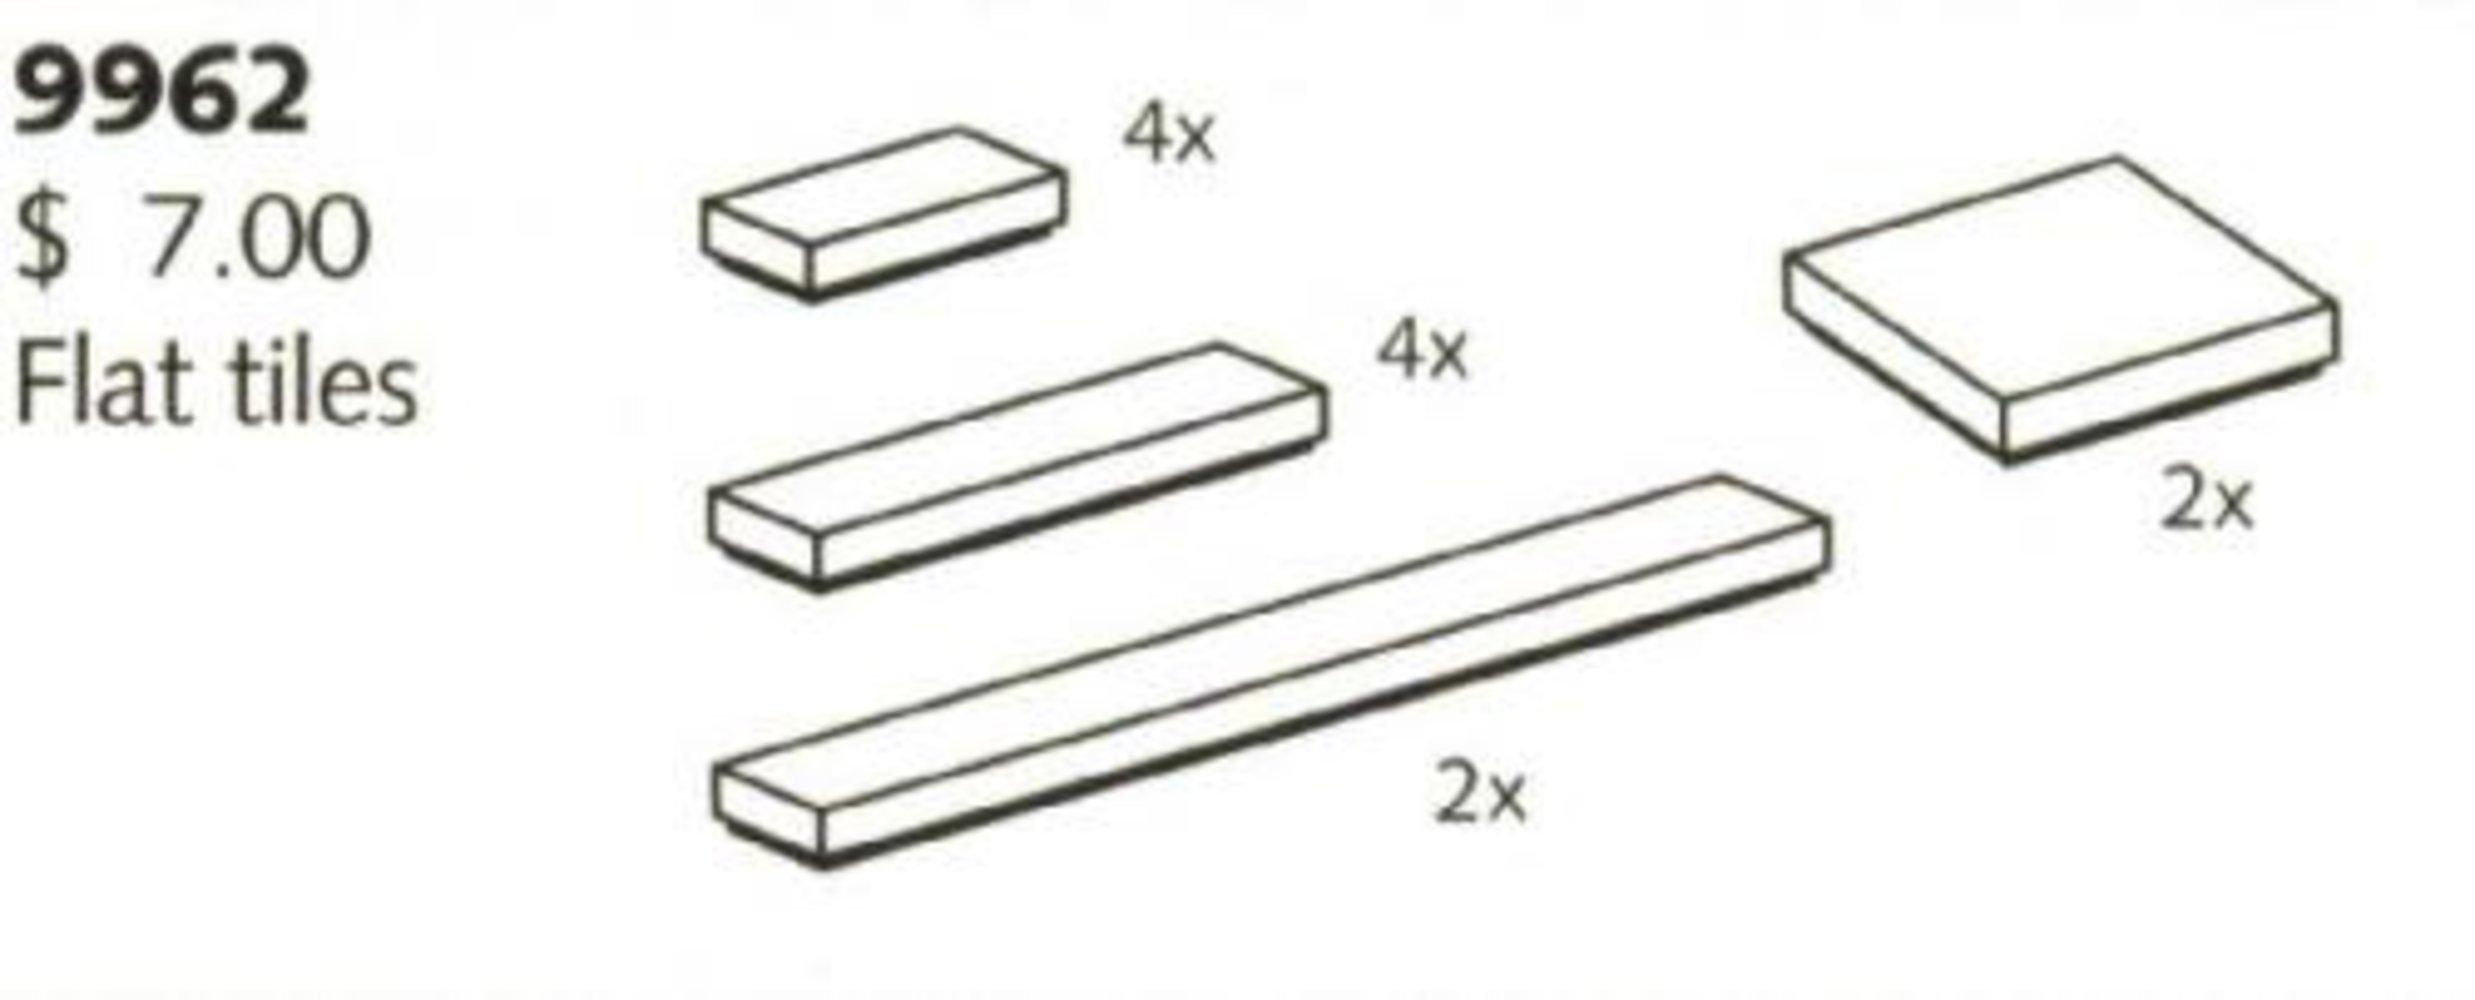 Flat Tiles